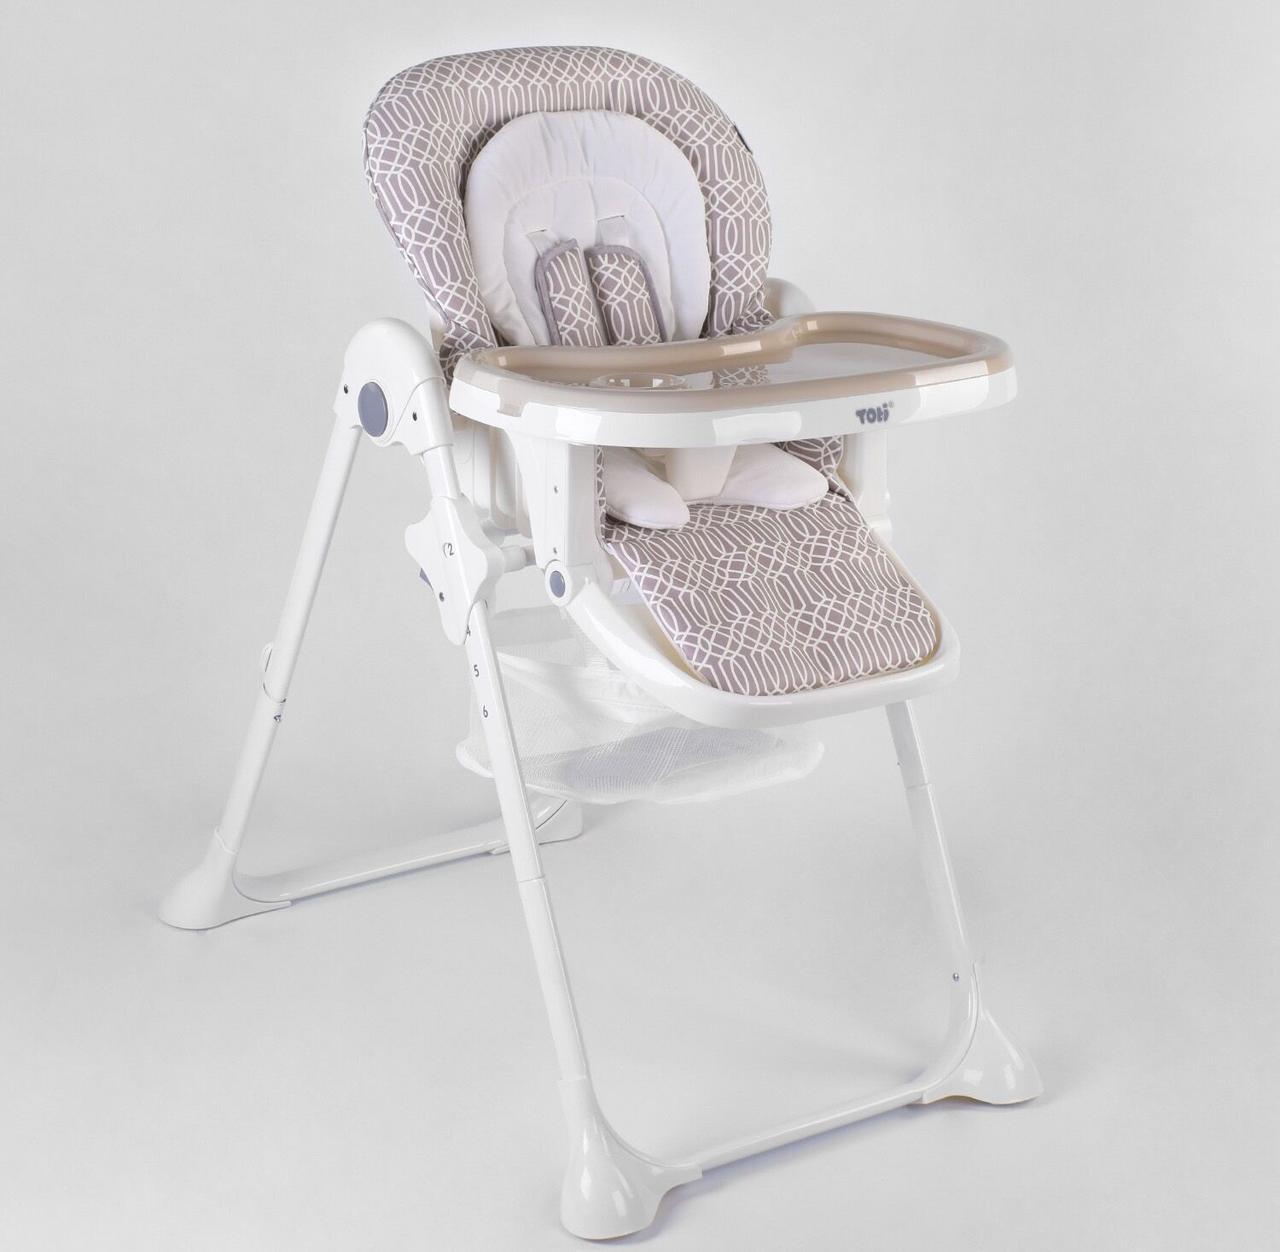 Дитячий стільчик для годування Toti W-77505